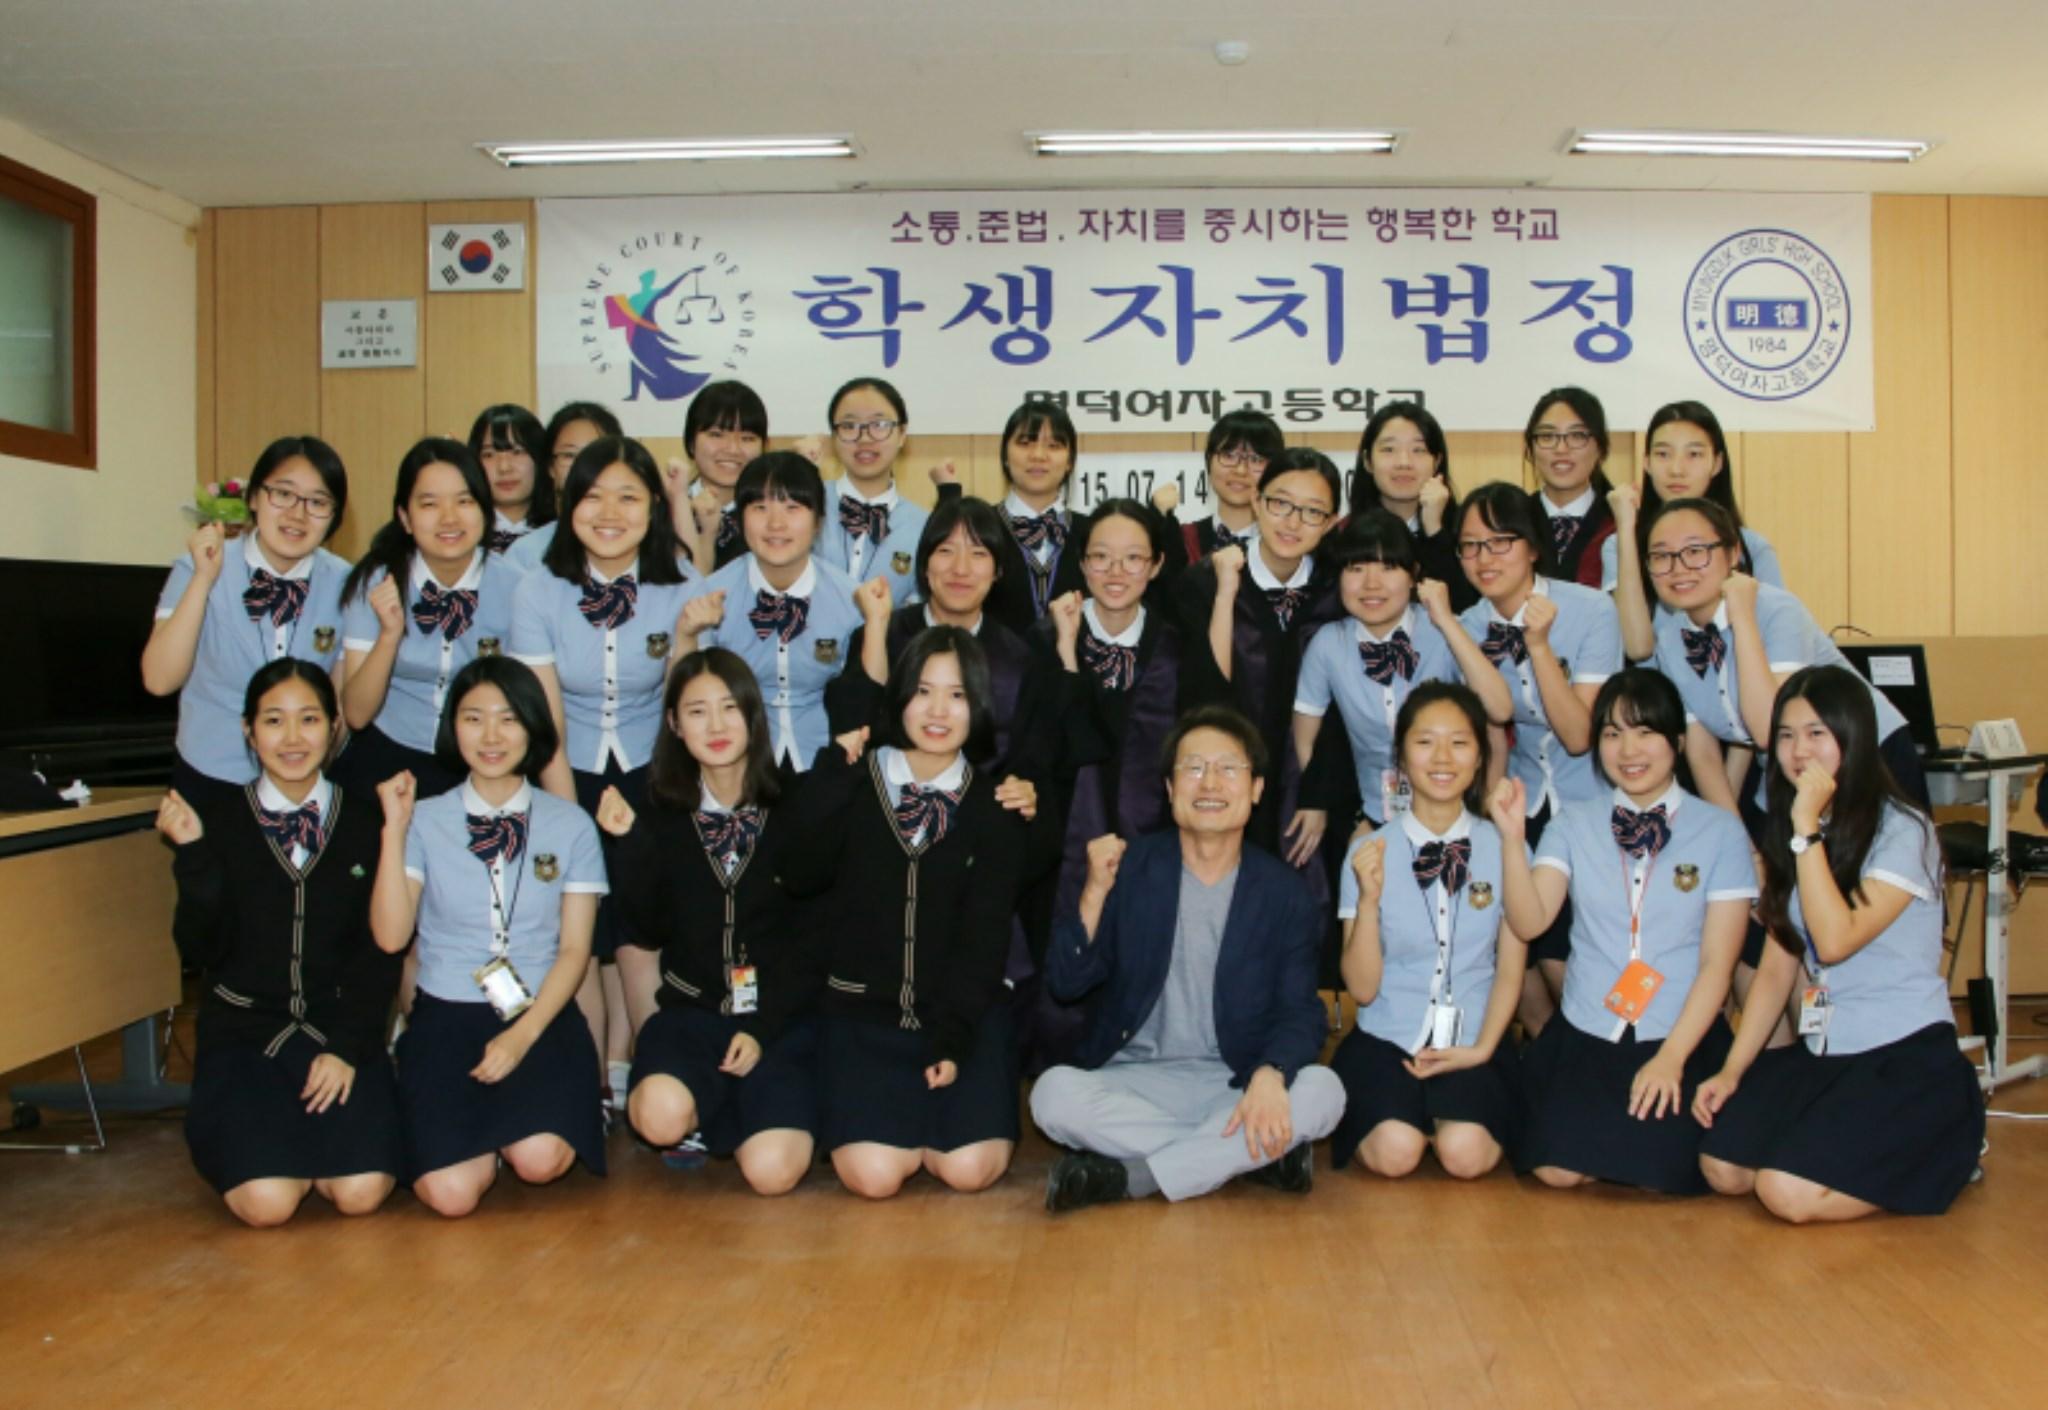 new_서울시 교육감 방문-교육청 촬영사진(13) .jpg